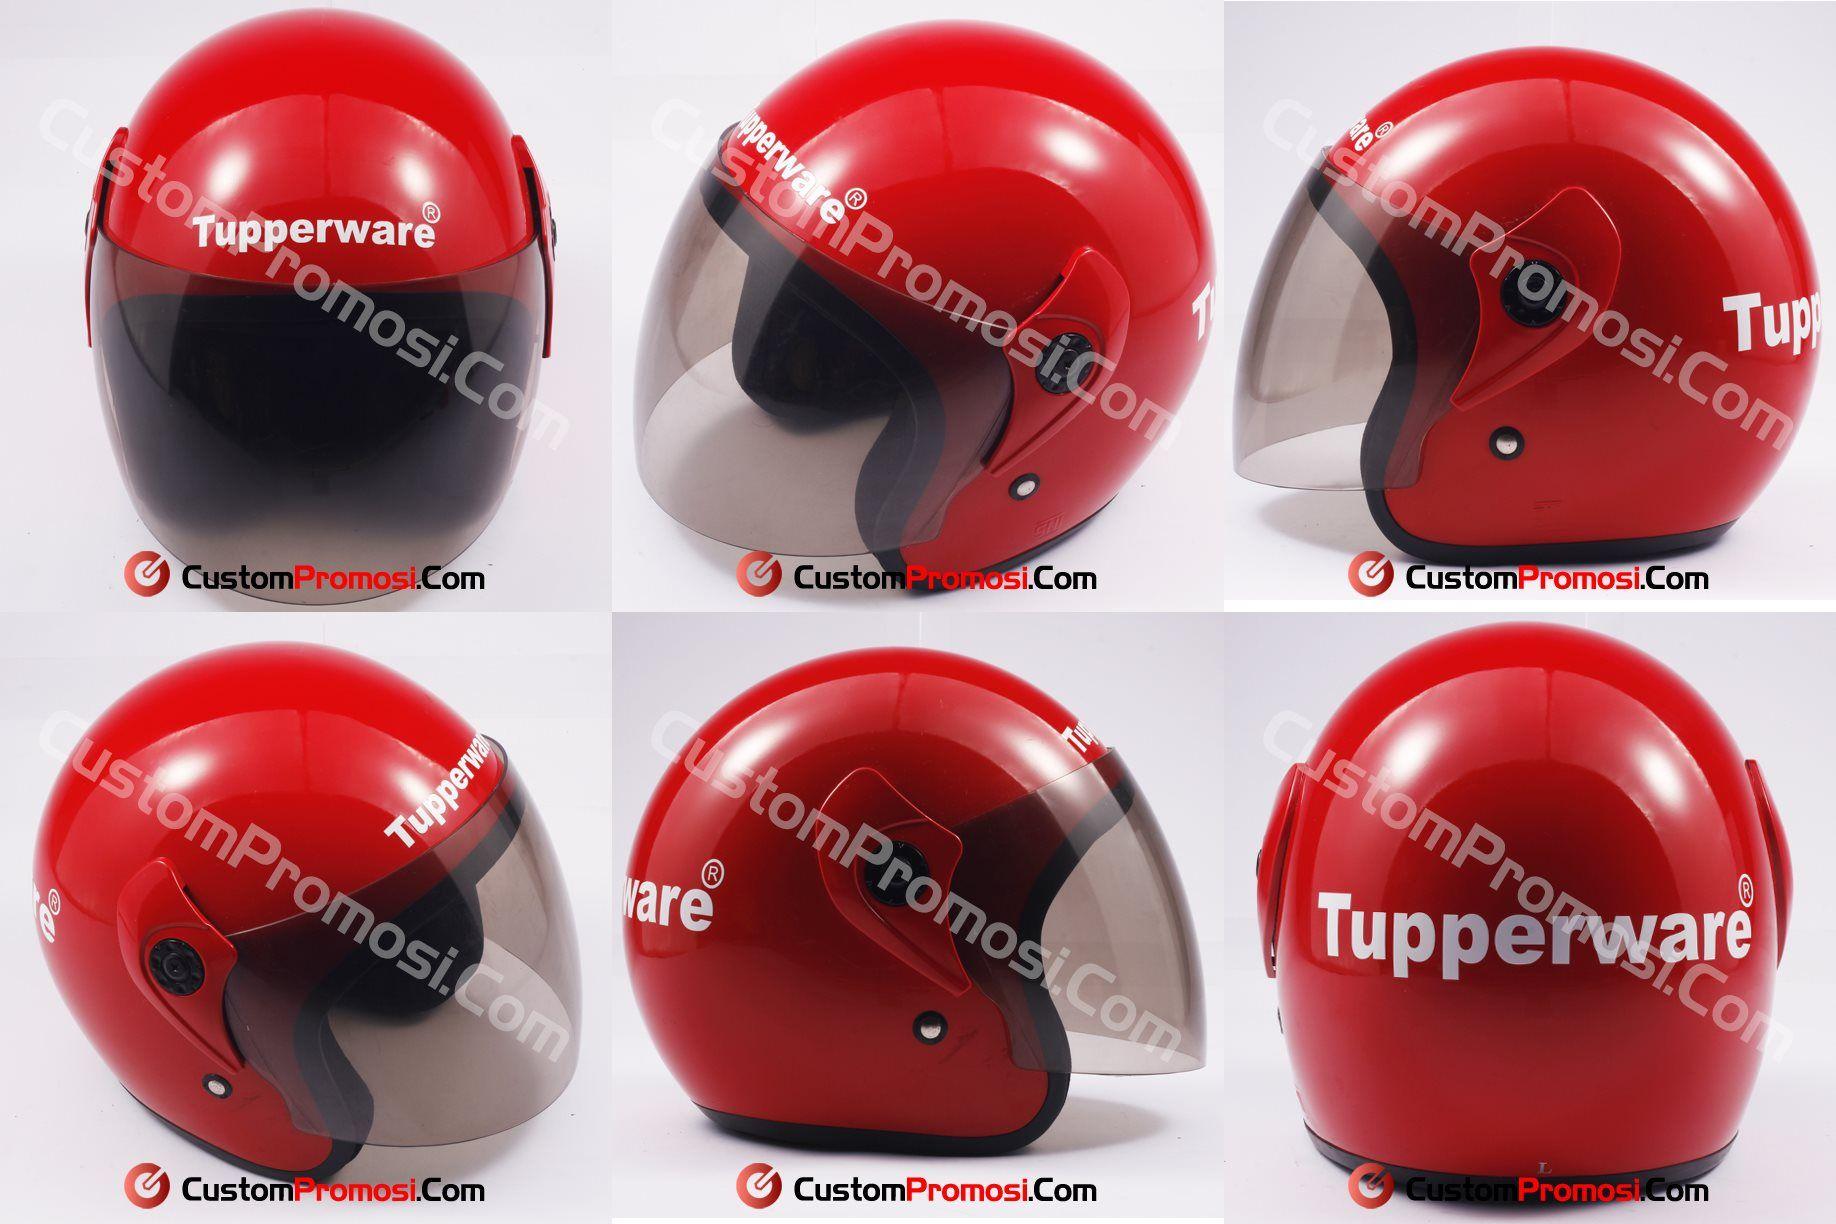 Helm Souvenir Tupperware, perusahaan multinasional yang memproduksi serta memasarkan produk plastik berkualitas untuk keperluan rumah tangga